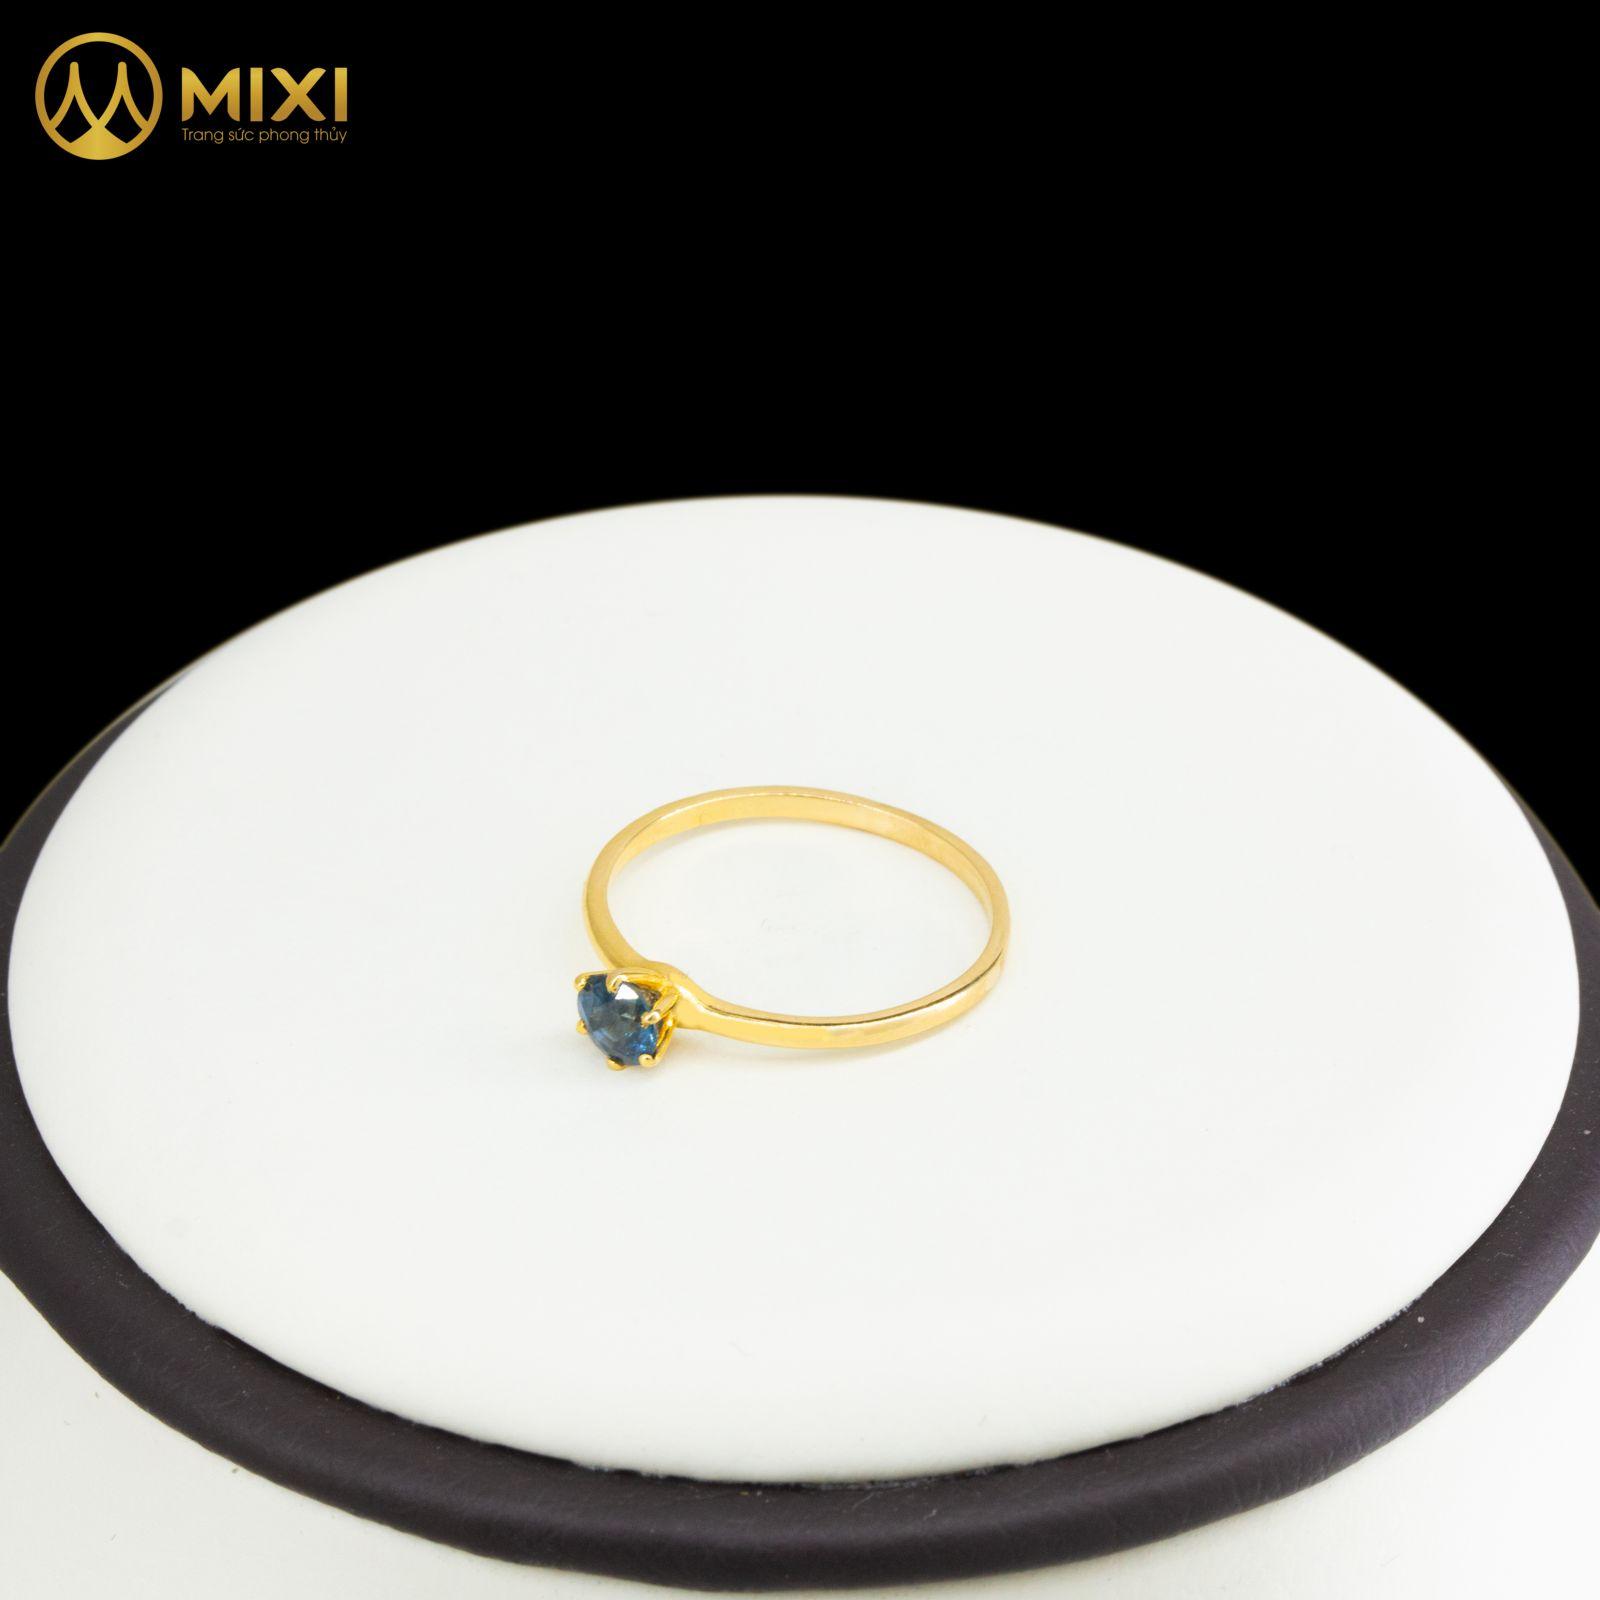 Nhẫn Nữ Mặt Đá Saphia Xanh Dương Giác Tròn Vàng 10K